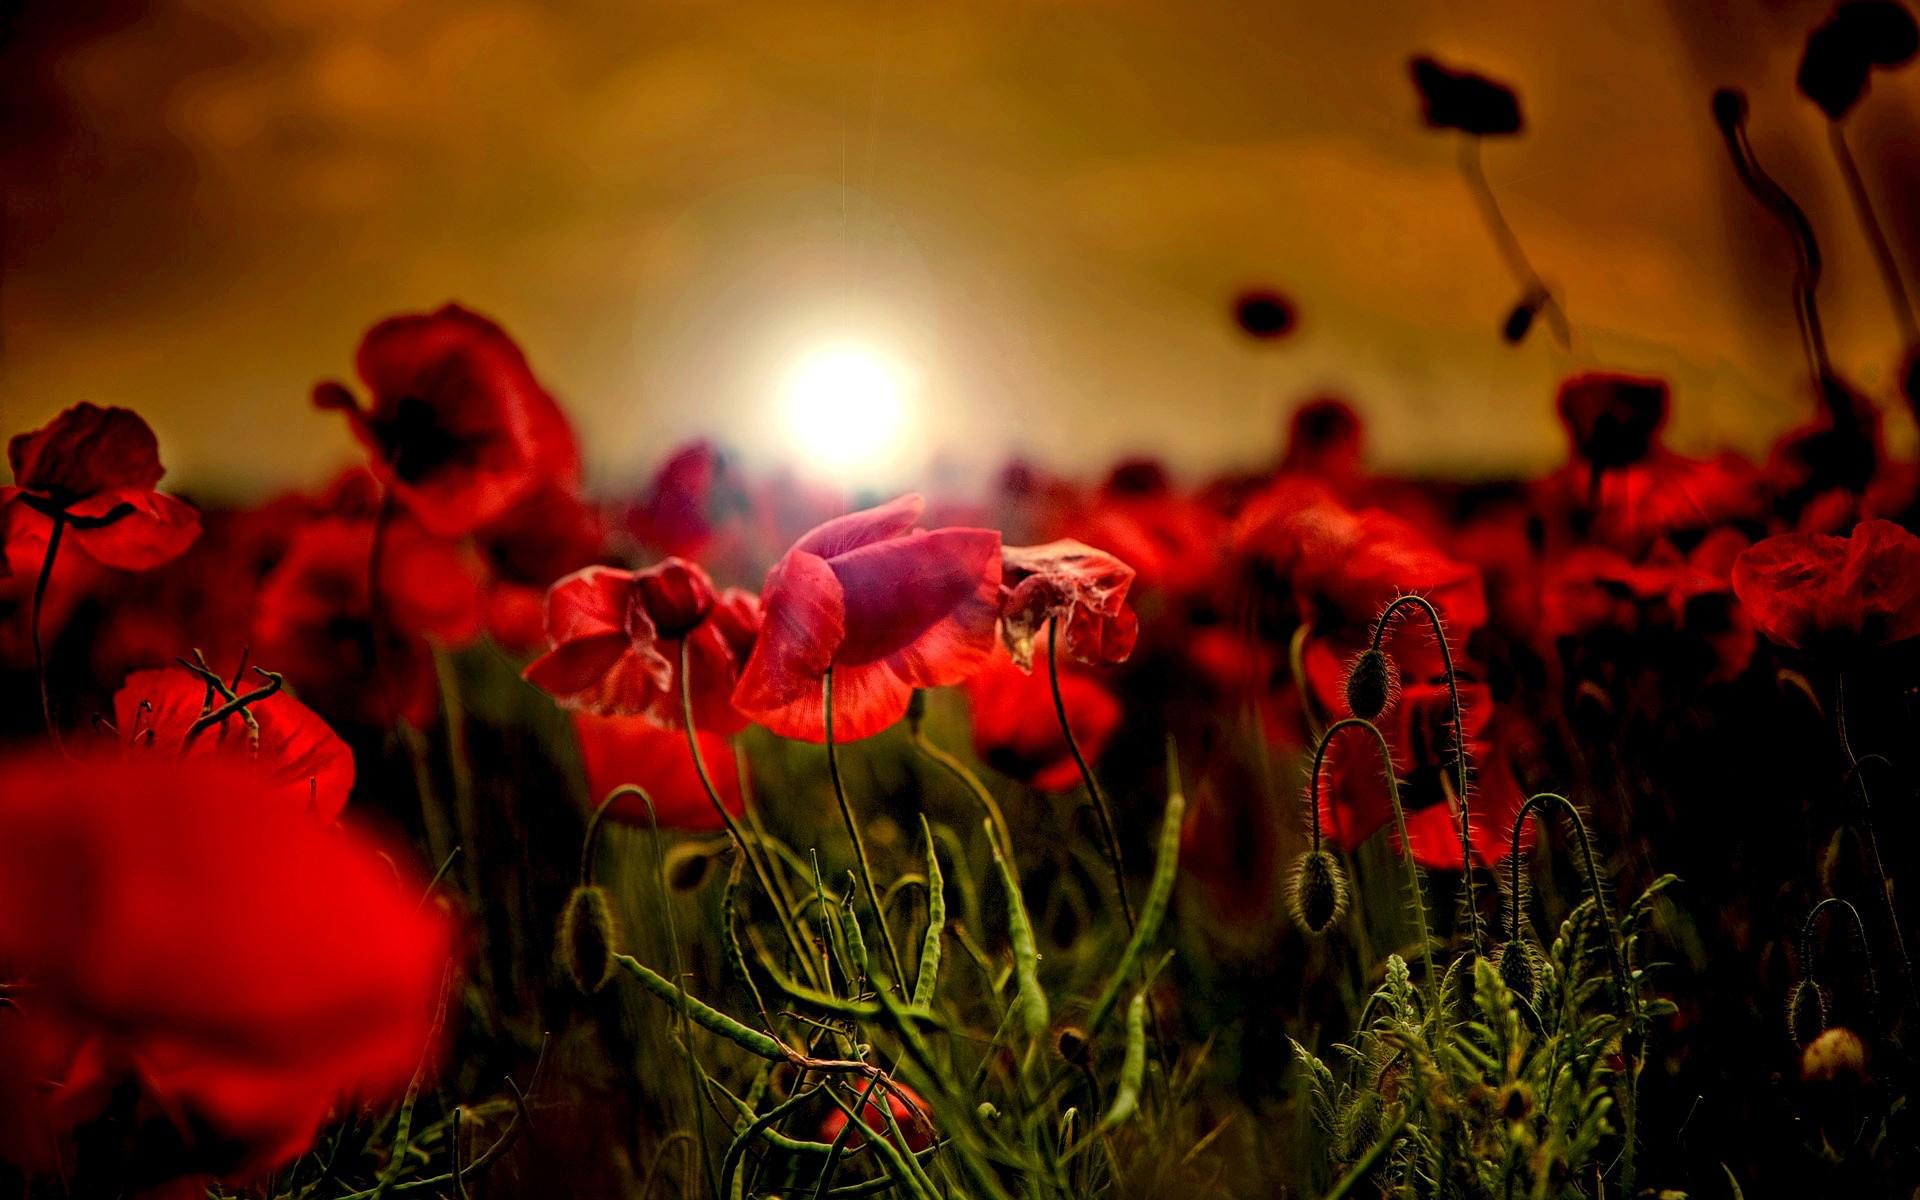 поле цветы рассвет field flowers dawn  № 3837127 загрузить